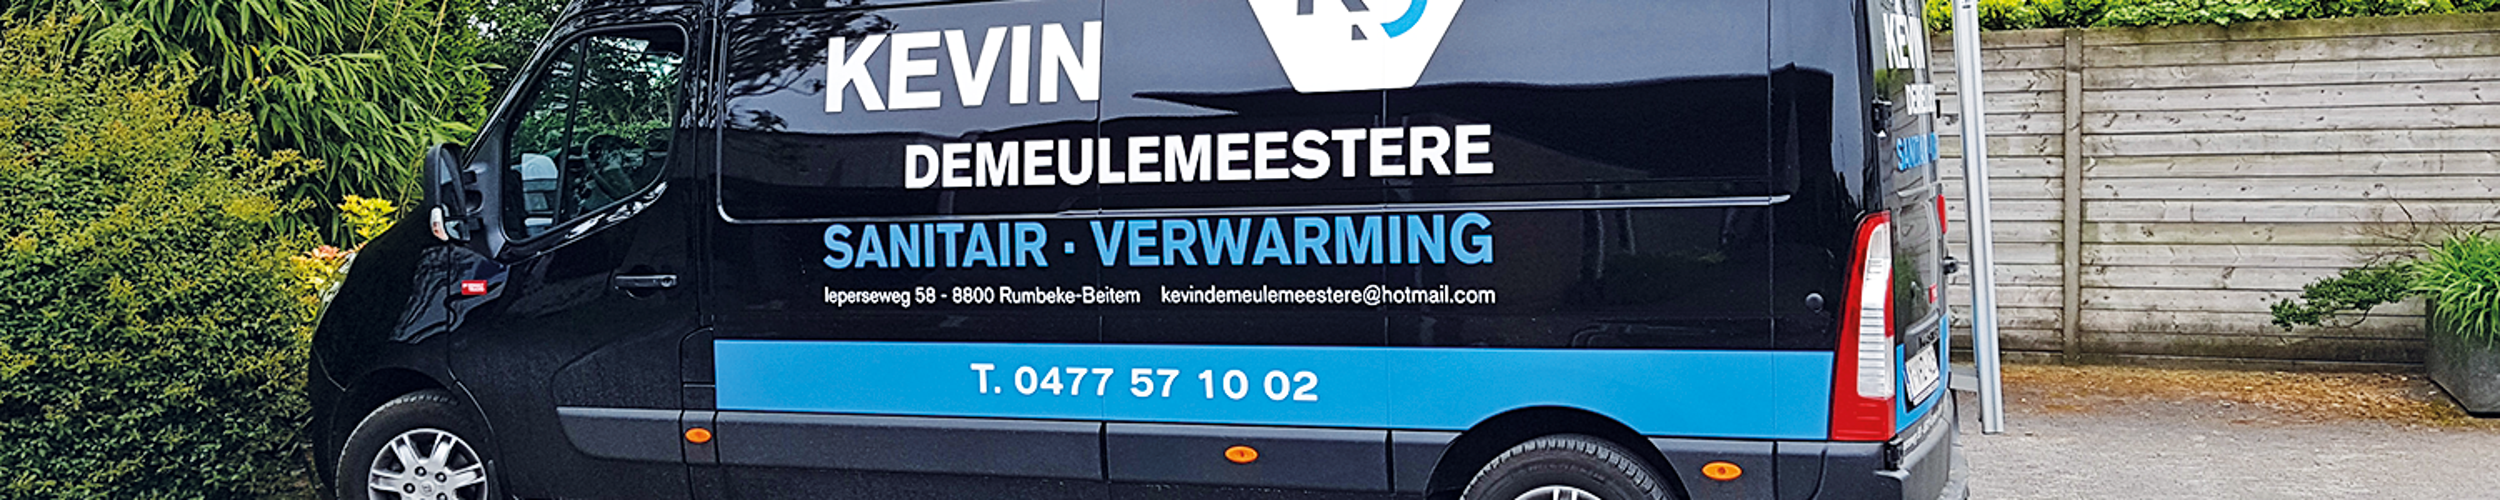 Contacteer Sanitair en Centrale verwarming Kevin Demeulemeestere